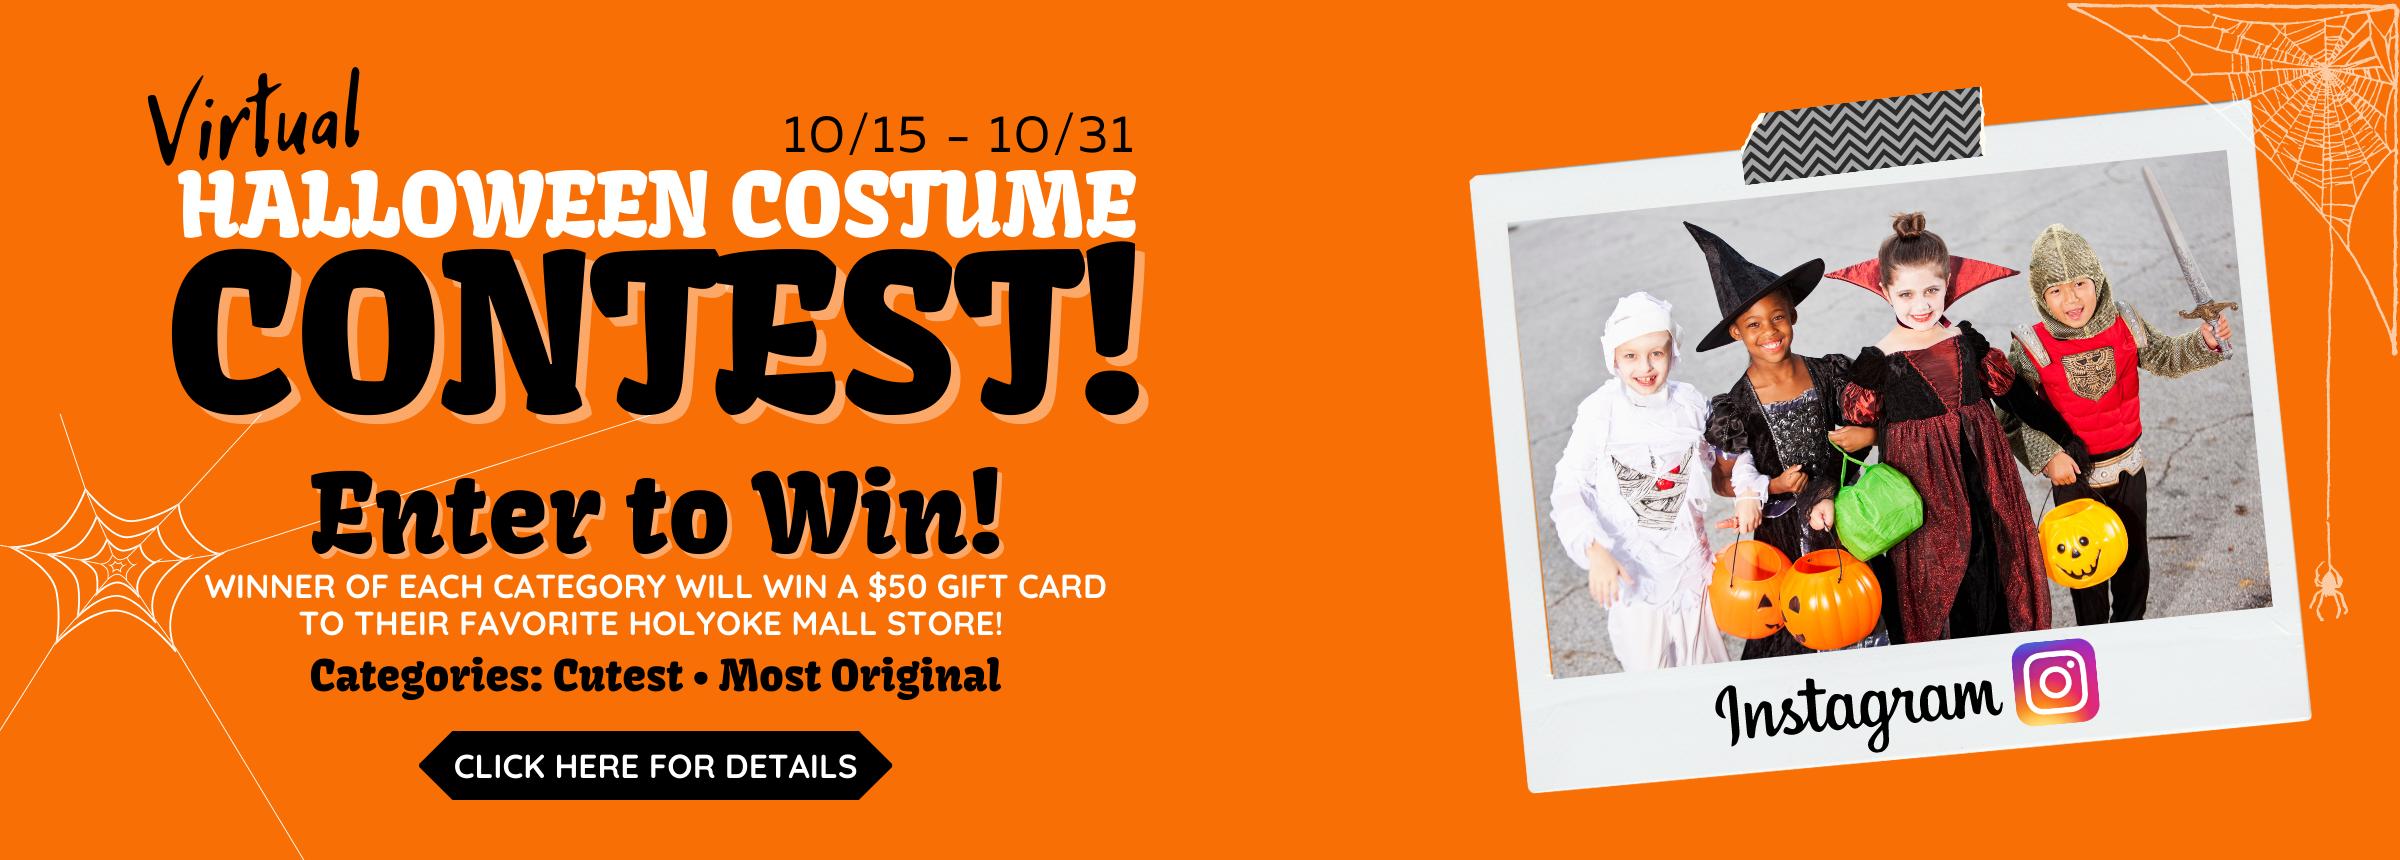 Halloween Costume Contest Hero Image